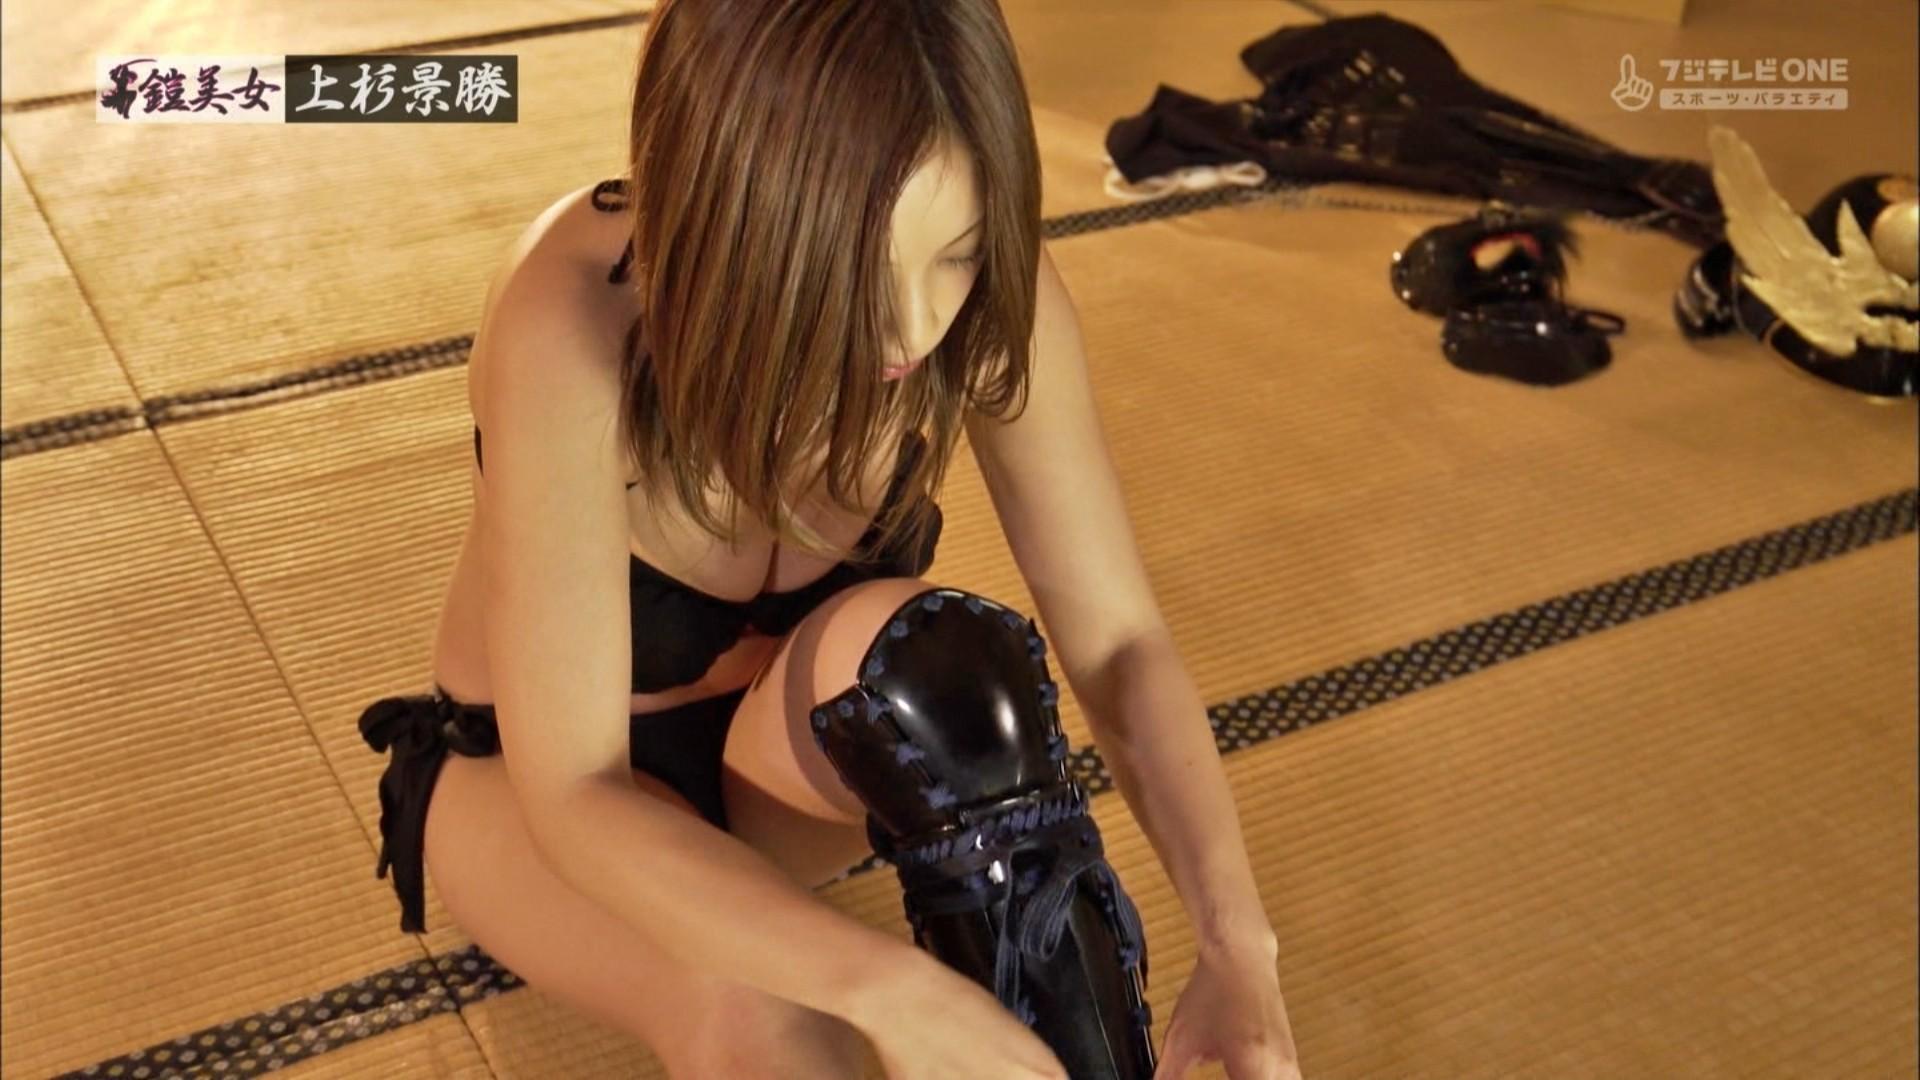 鎧美女♯50・野田彩加さんのテレビキャプチャー画像-032